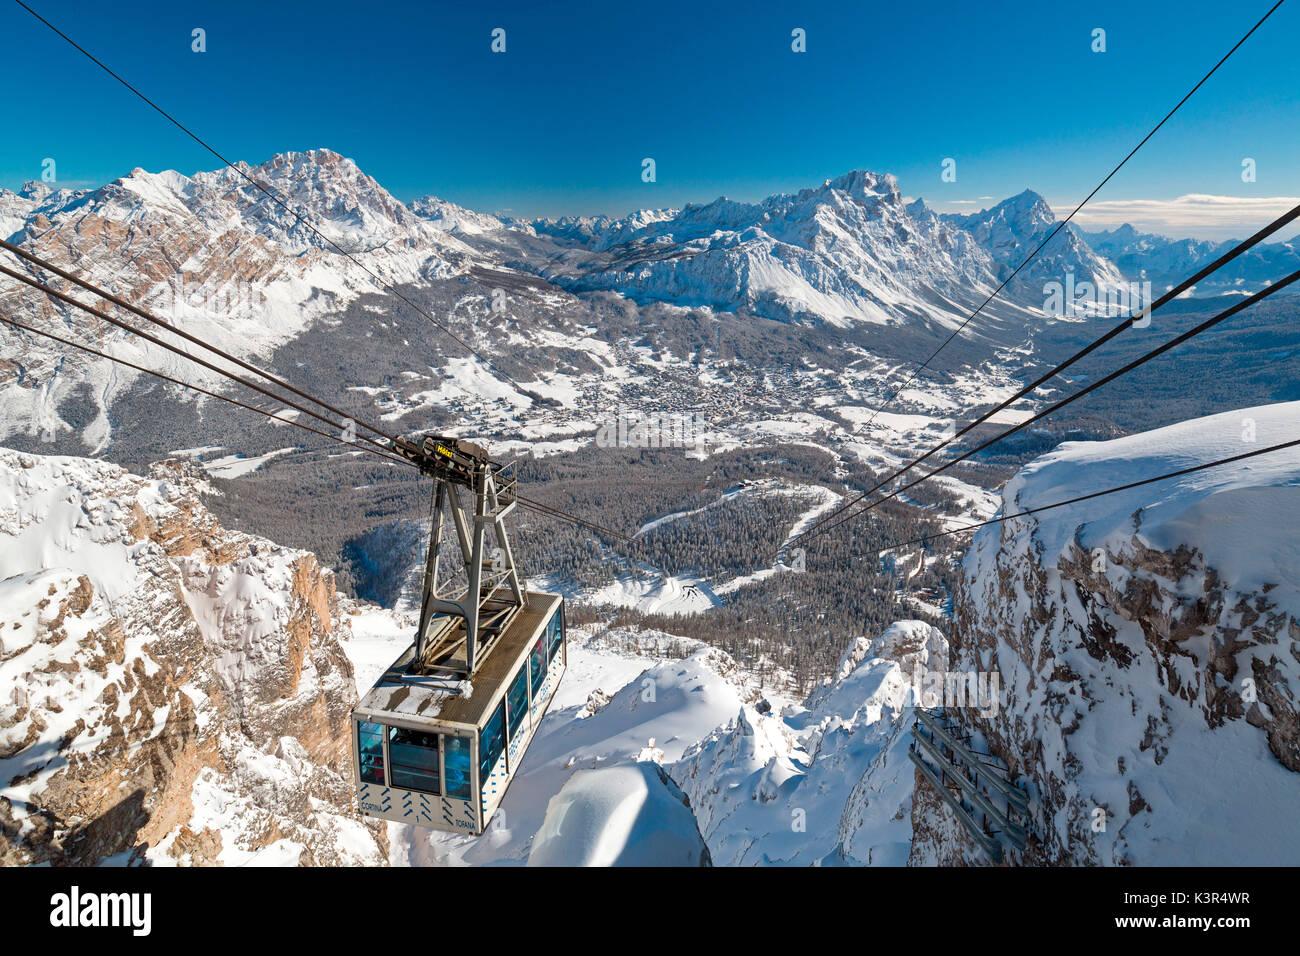 Freccia nel Cielo la funivia. Cortina d'Ampezzo, Veneto, Italia. Immagini Stock